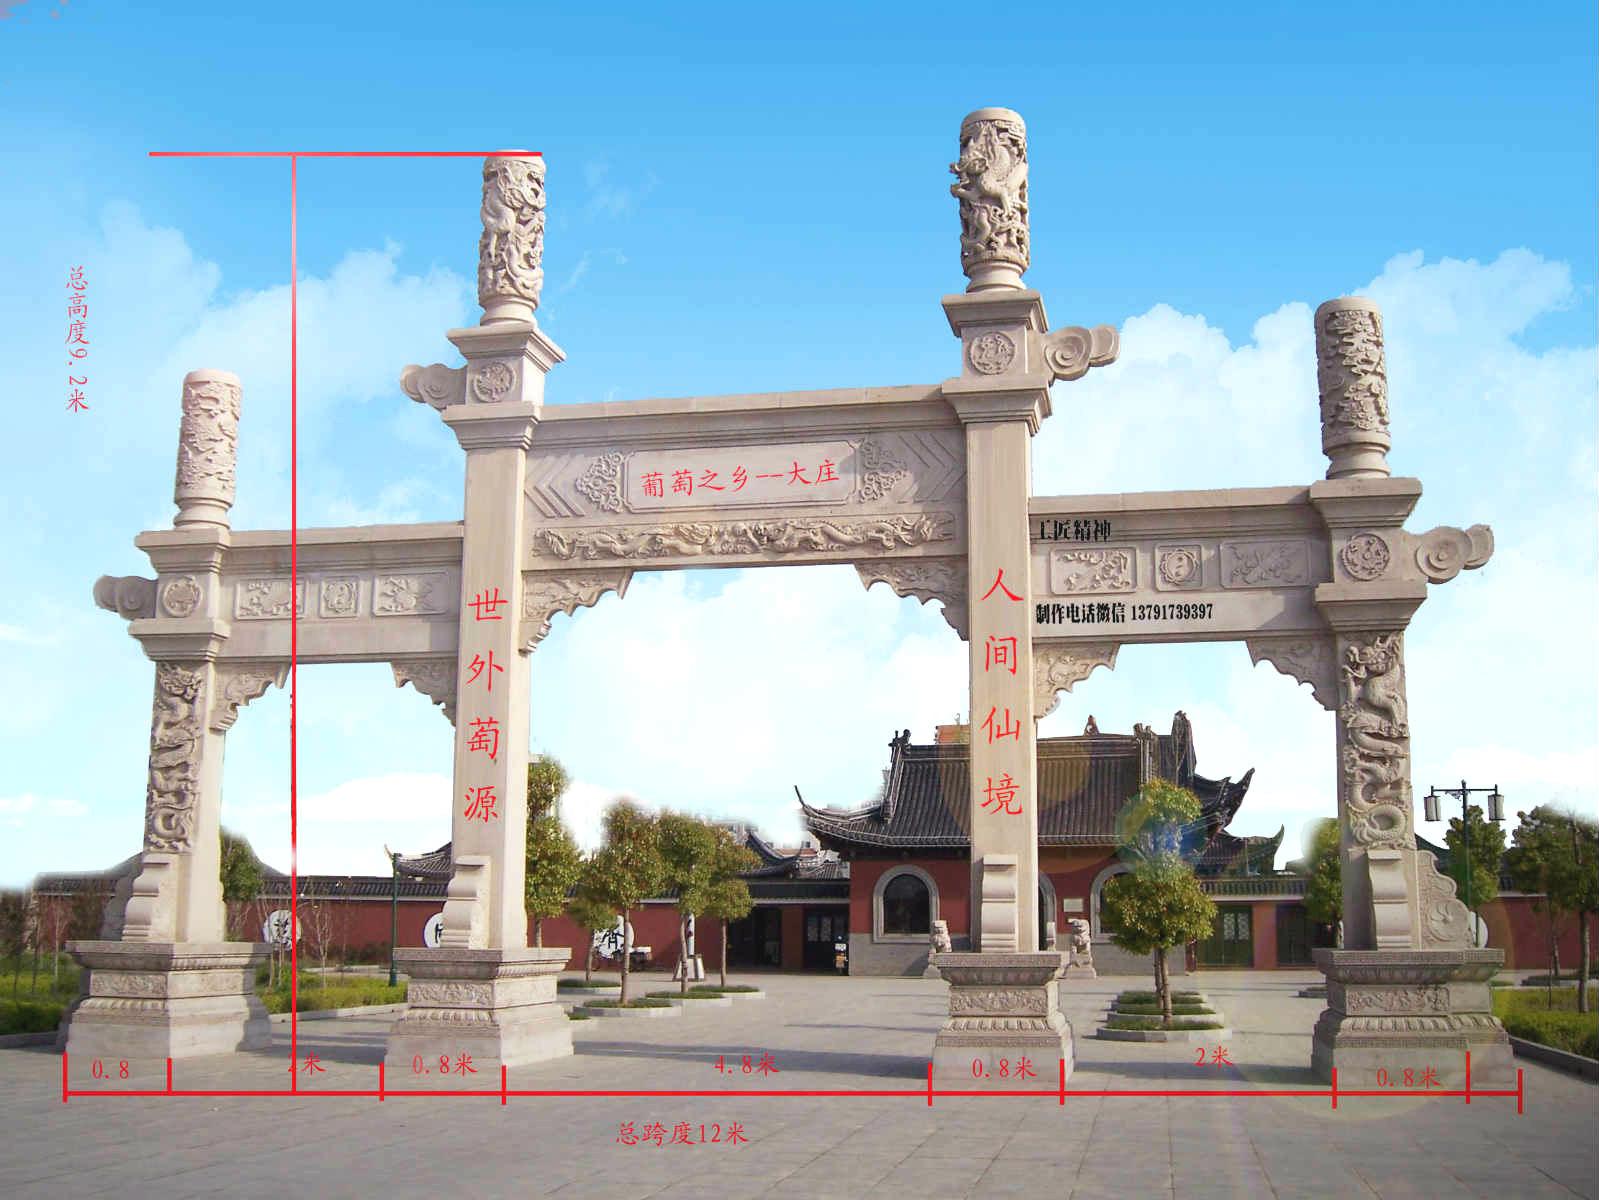 村庄石牌坊牌楼雕刻的吉祥风水作用